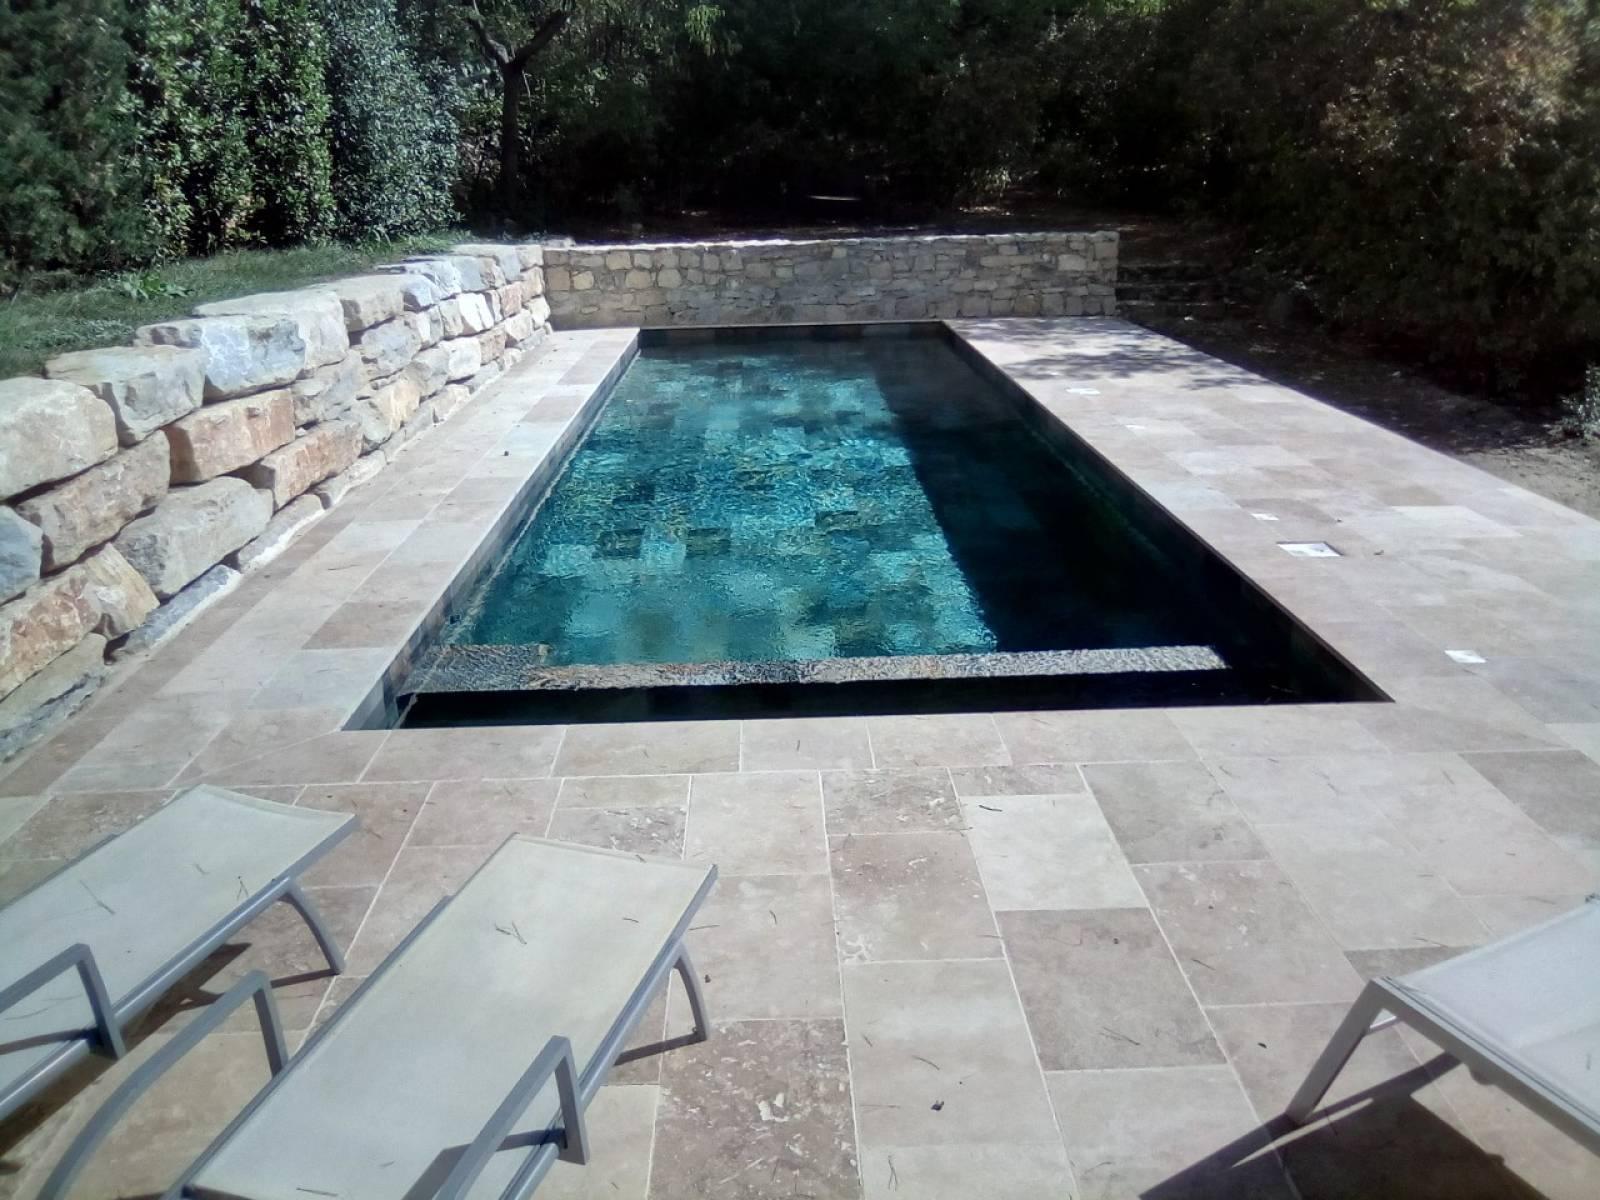 Carrelage Pierre Naturelle Nantes carrelage piscine mystique black pour votre interieur de